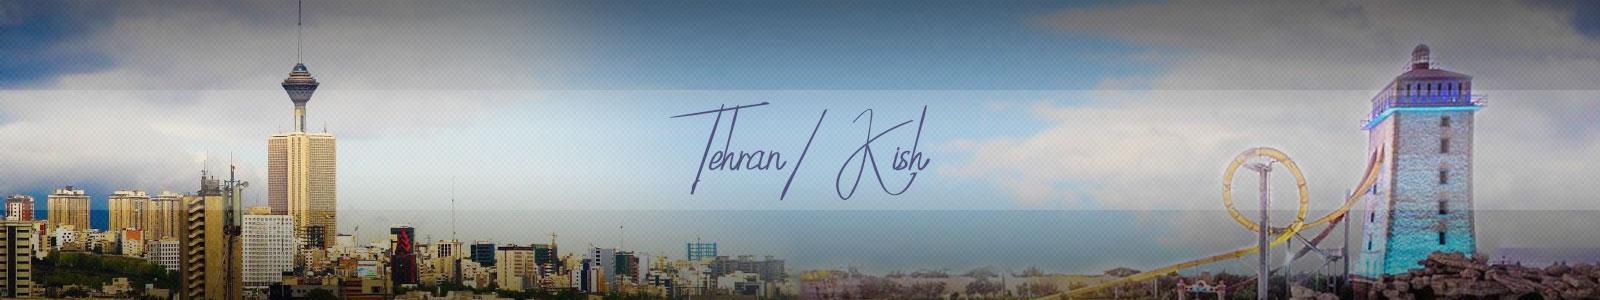 عکس مربوط به بلیط تهران به کیش